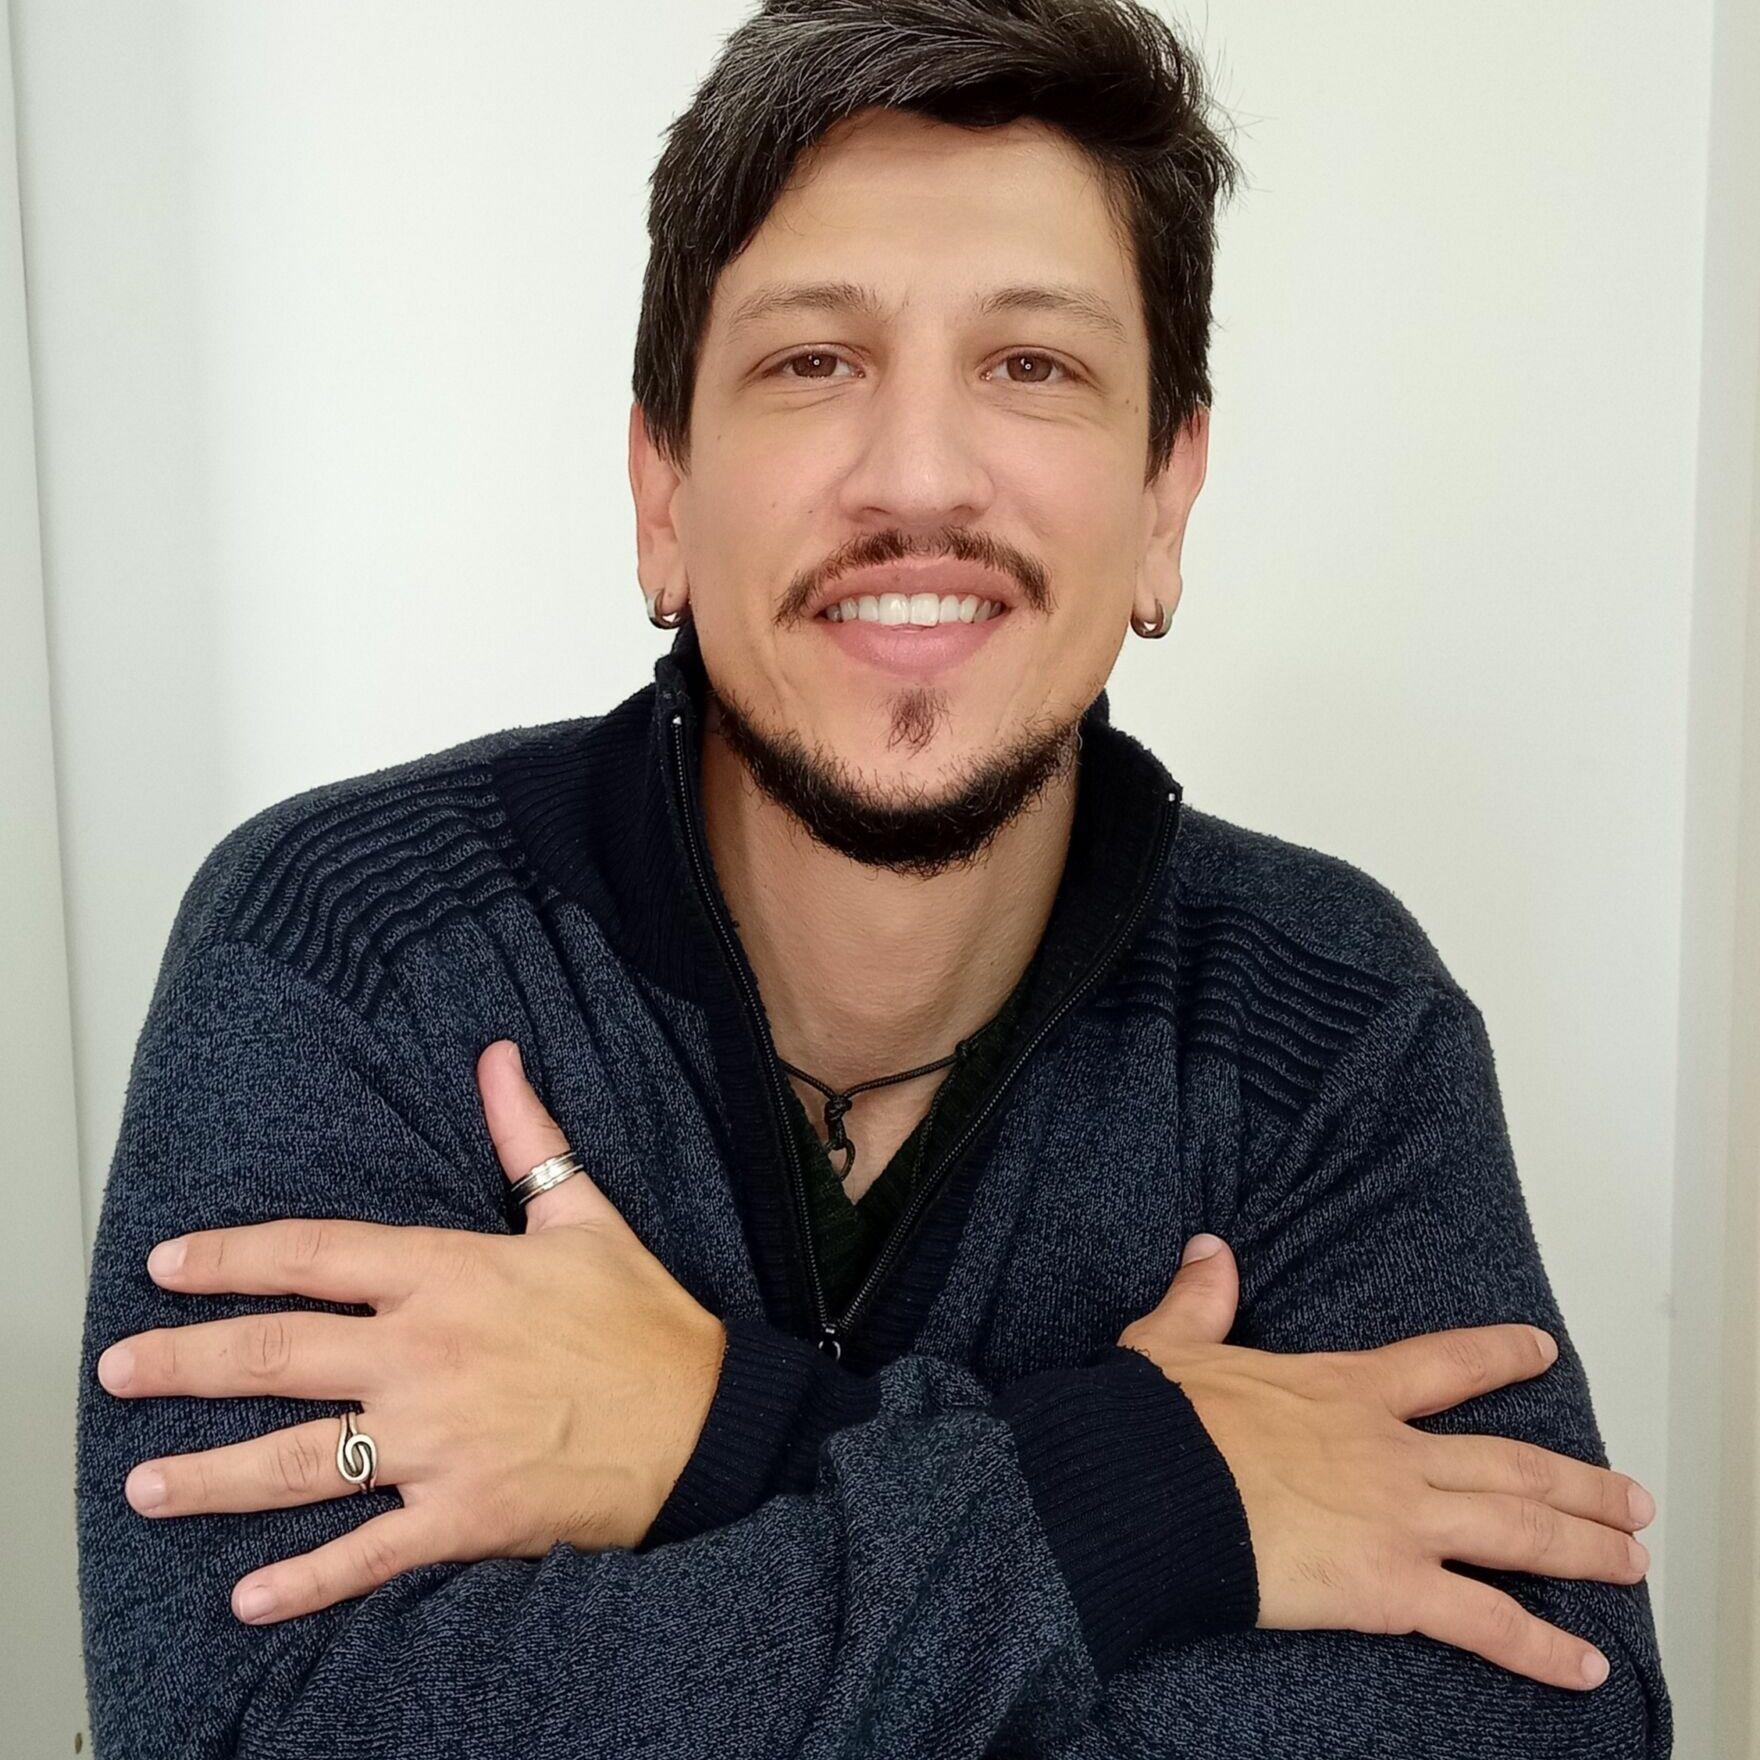 foto-leandro-ribeiro-ostomizados-com-voce-convatec